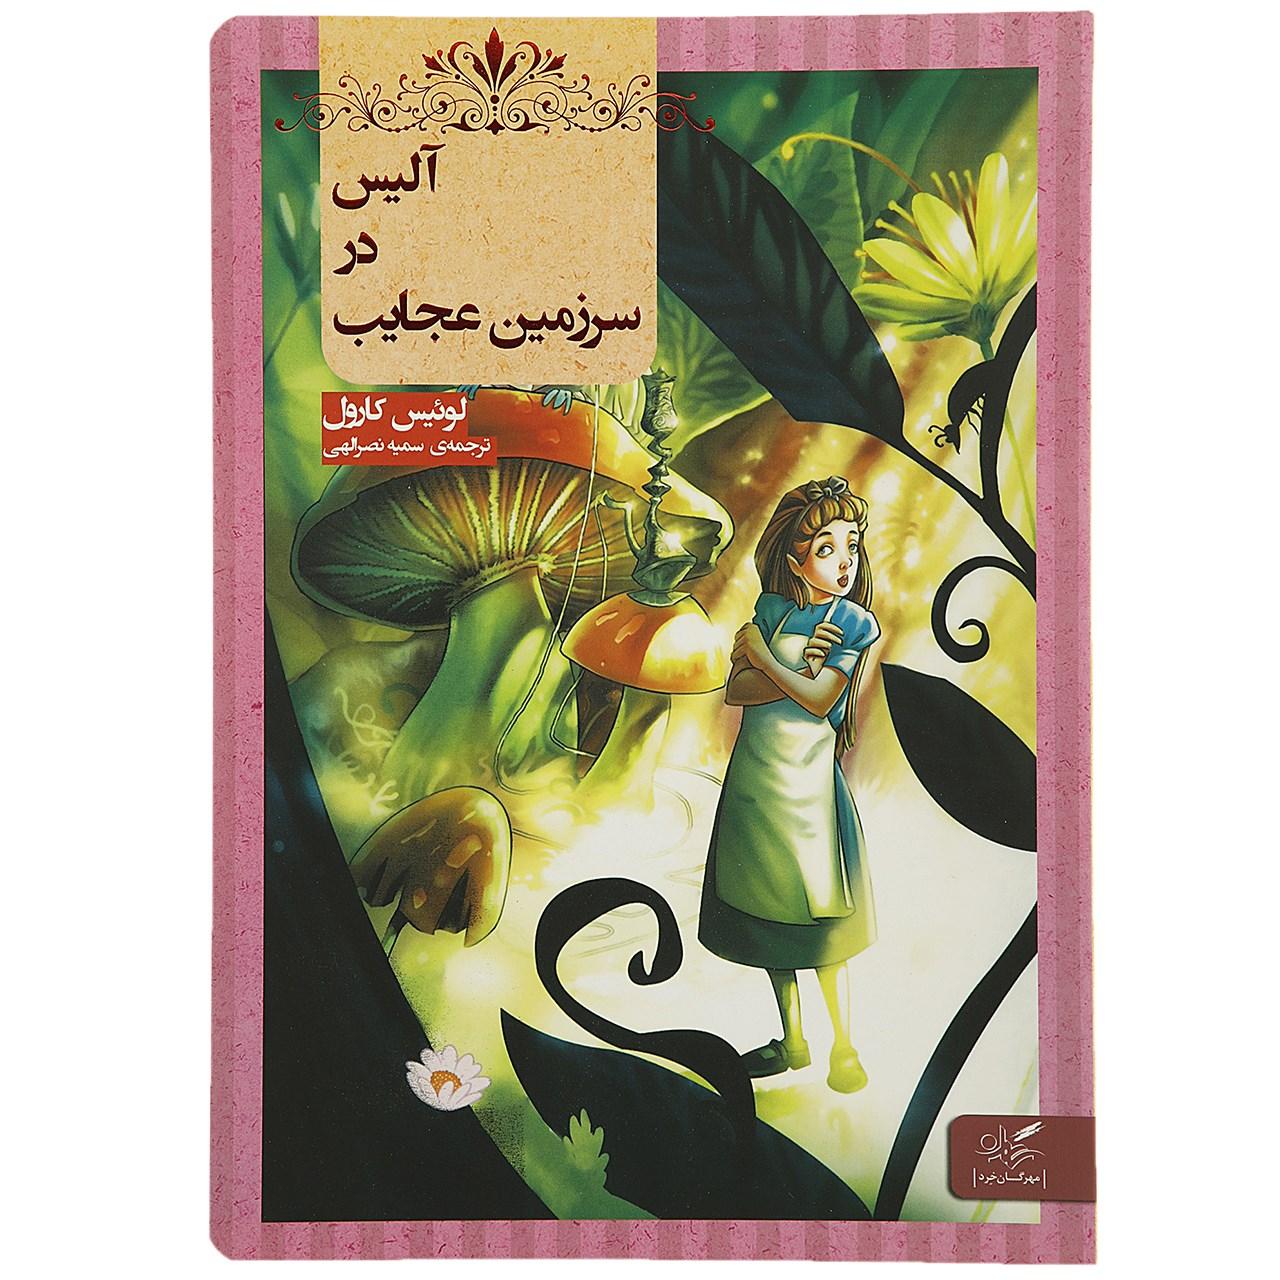 کتاب آلیس در سرزمین عجایب اثر لوئیس کارول